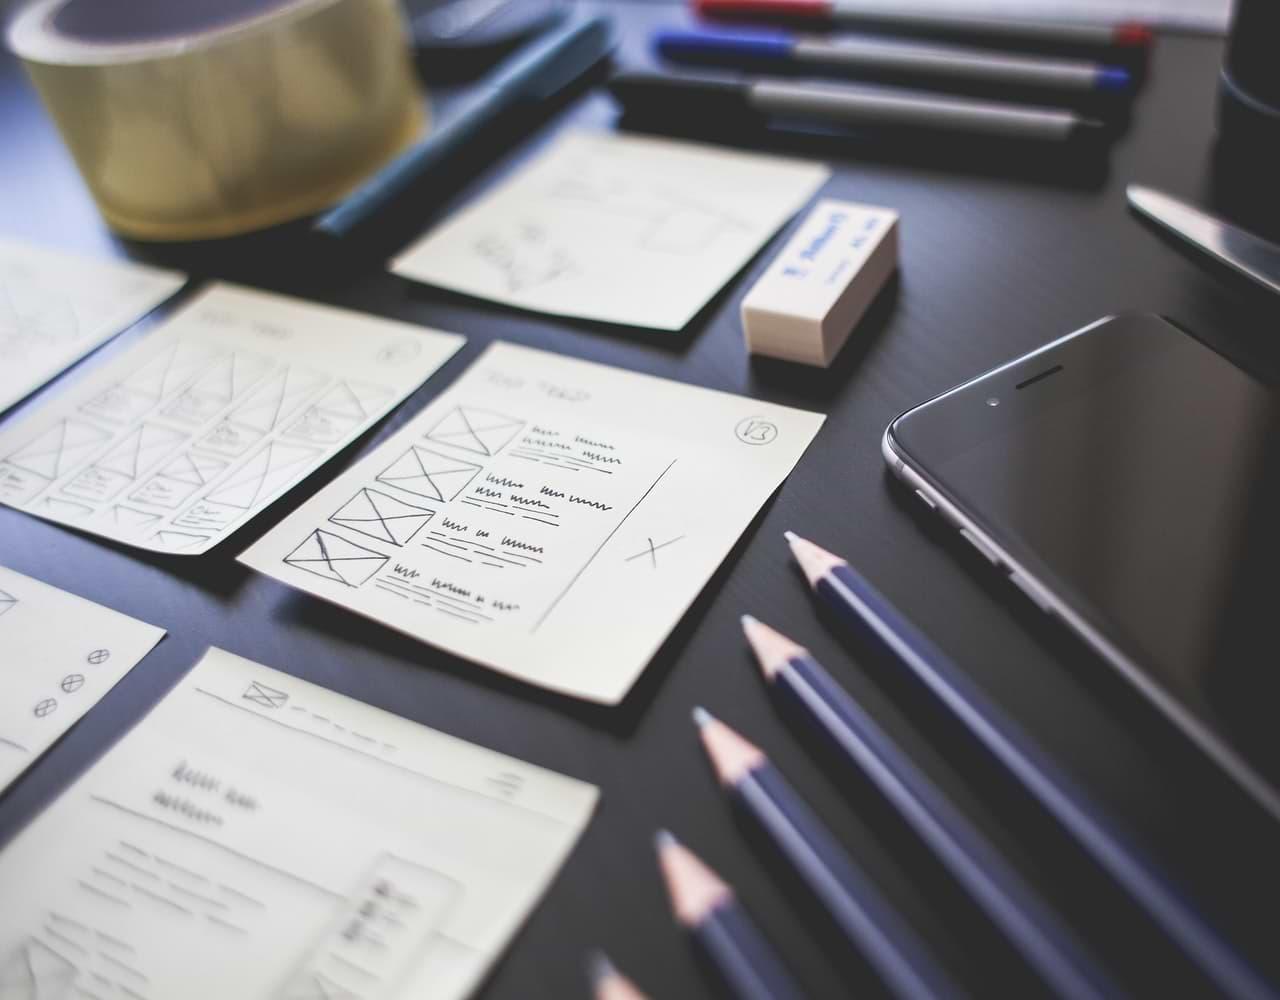 ux design for app